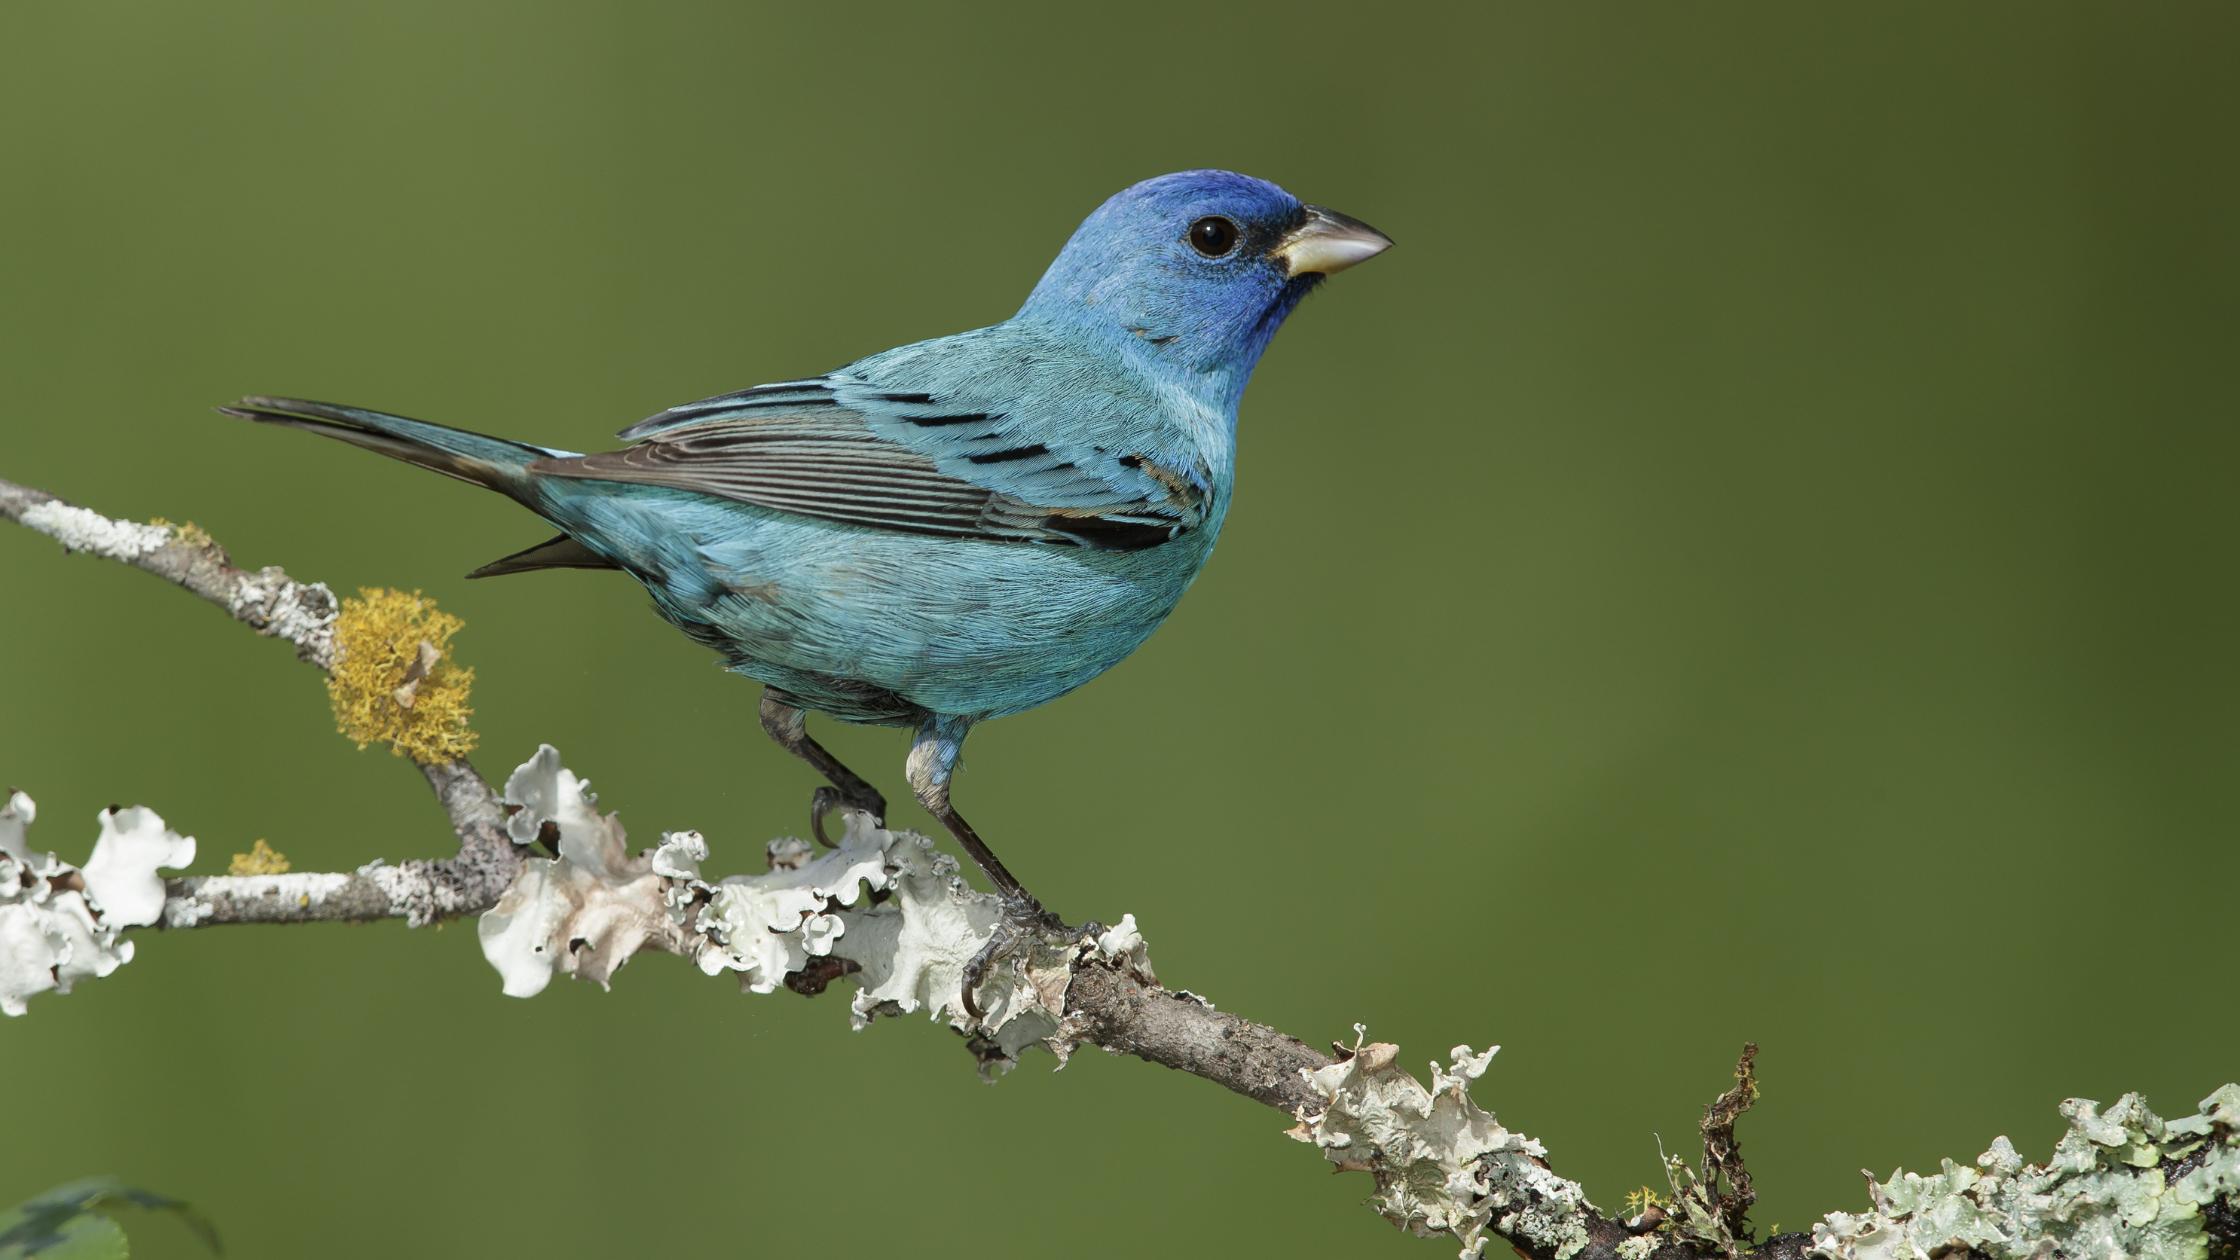 蓝色的鸟栖息在树枝上